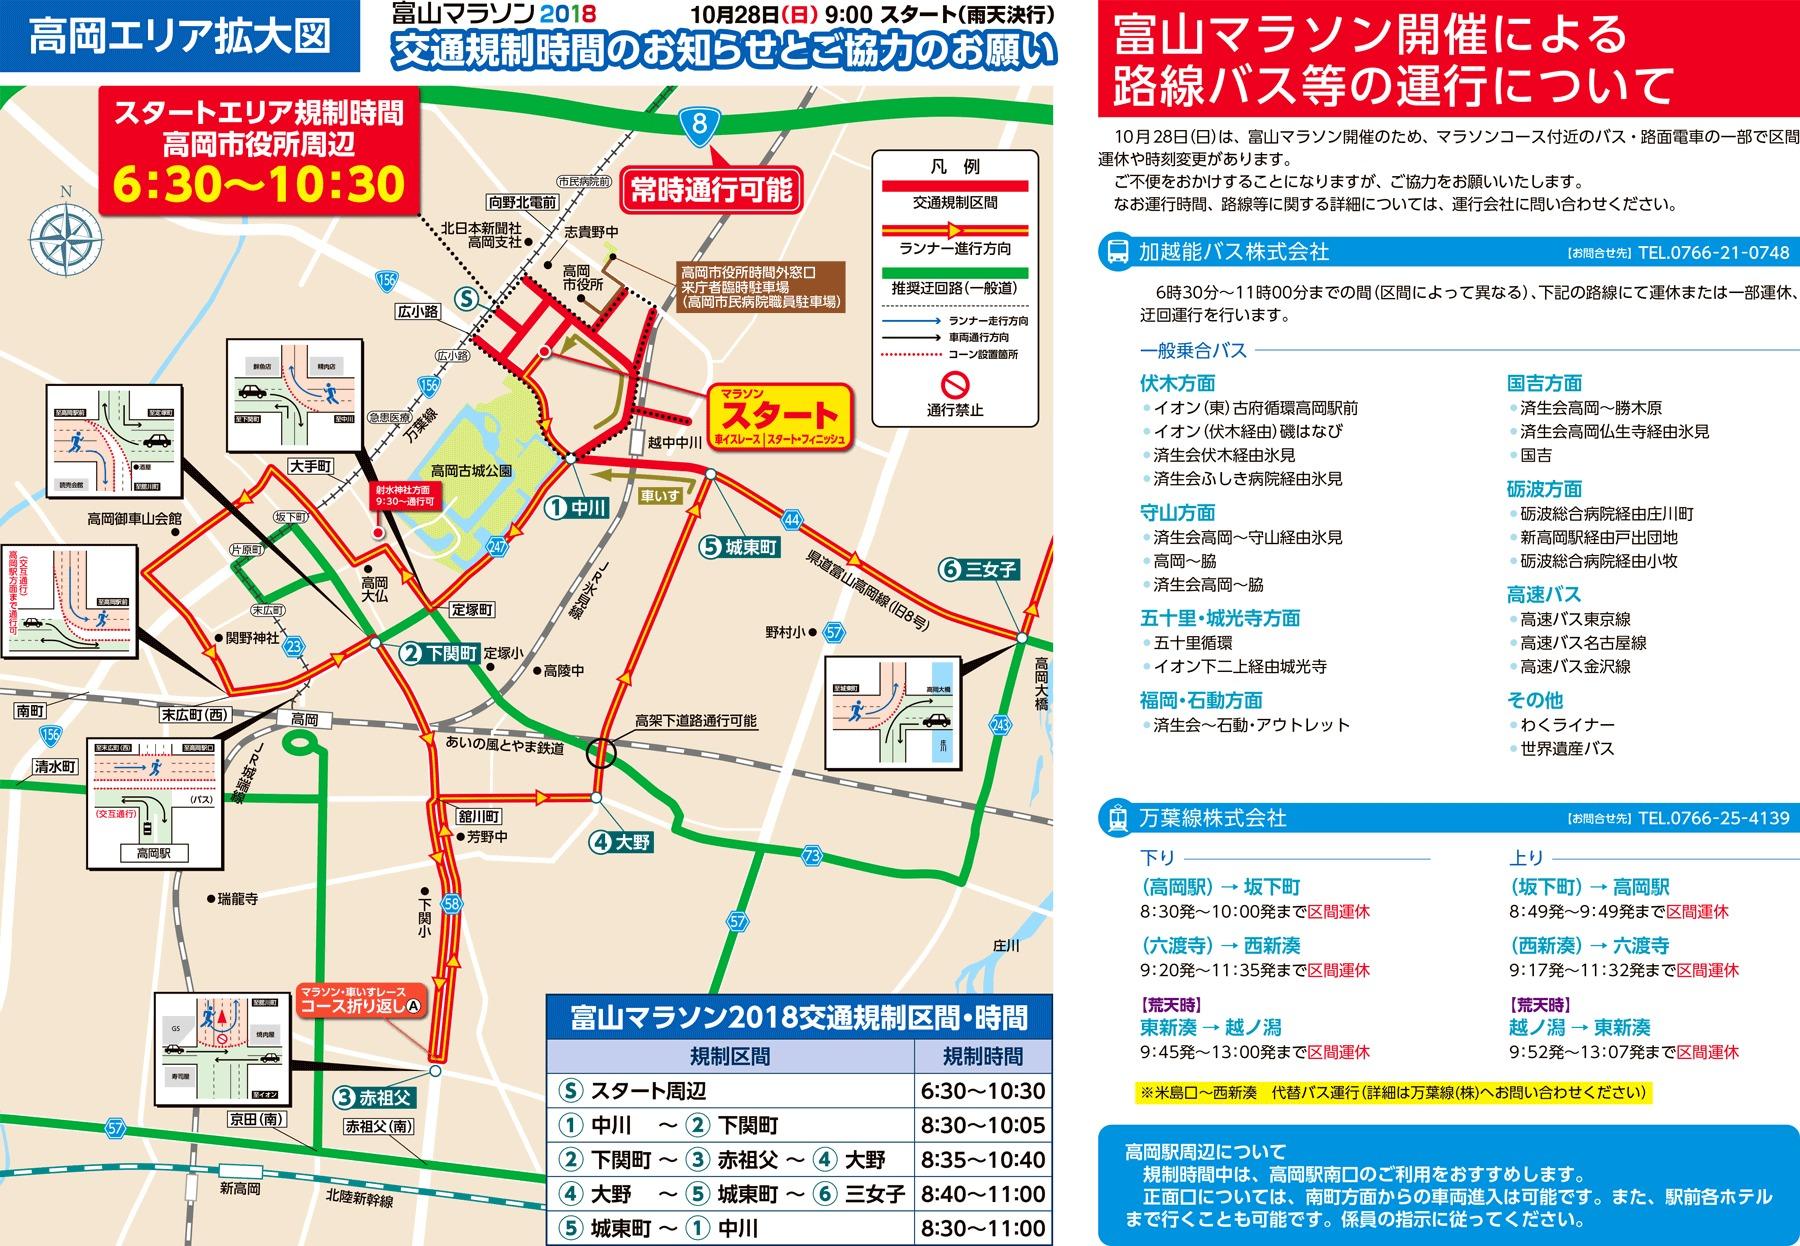 富山マラソン2018交通規制マップ(高岡エリア拡大)